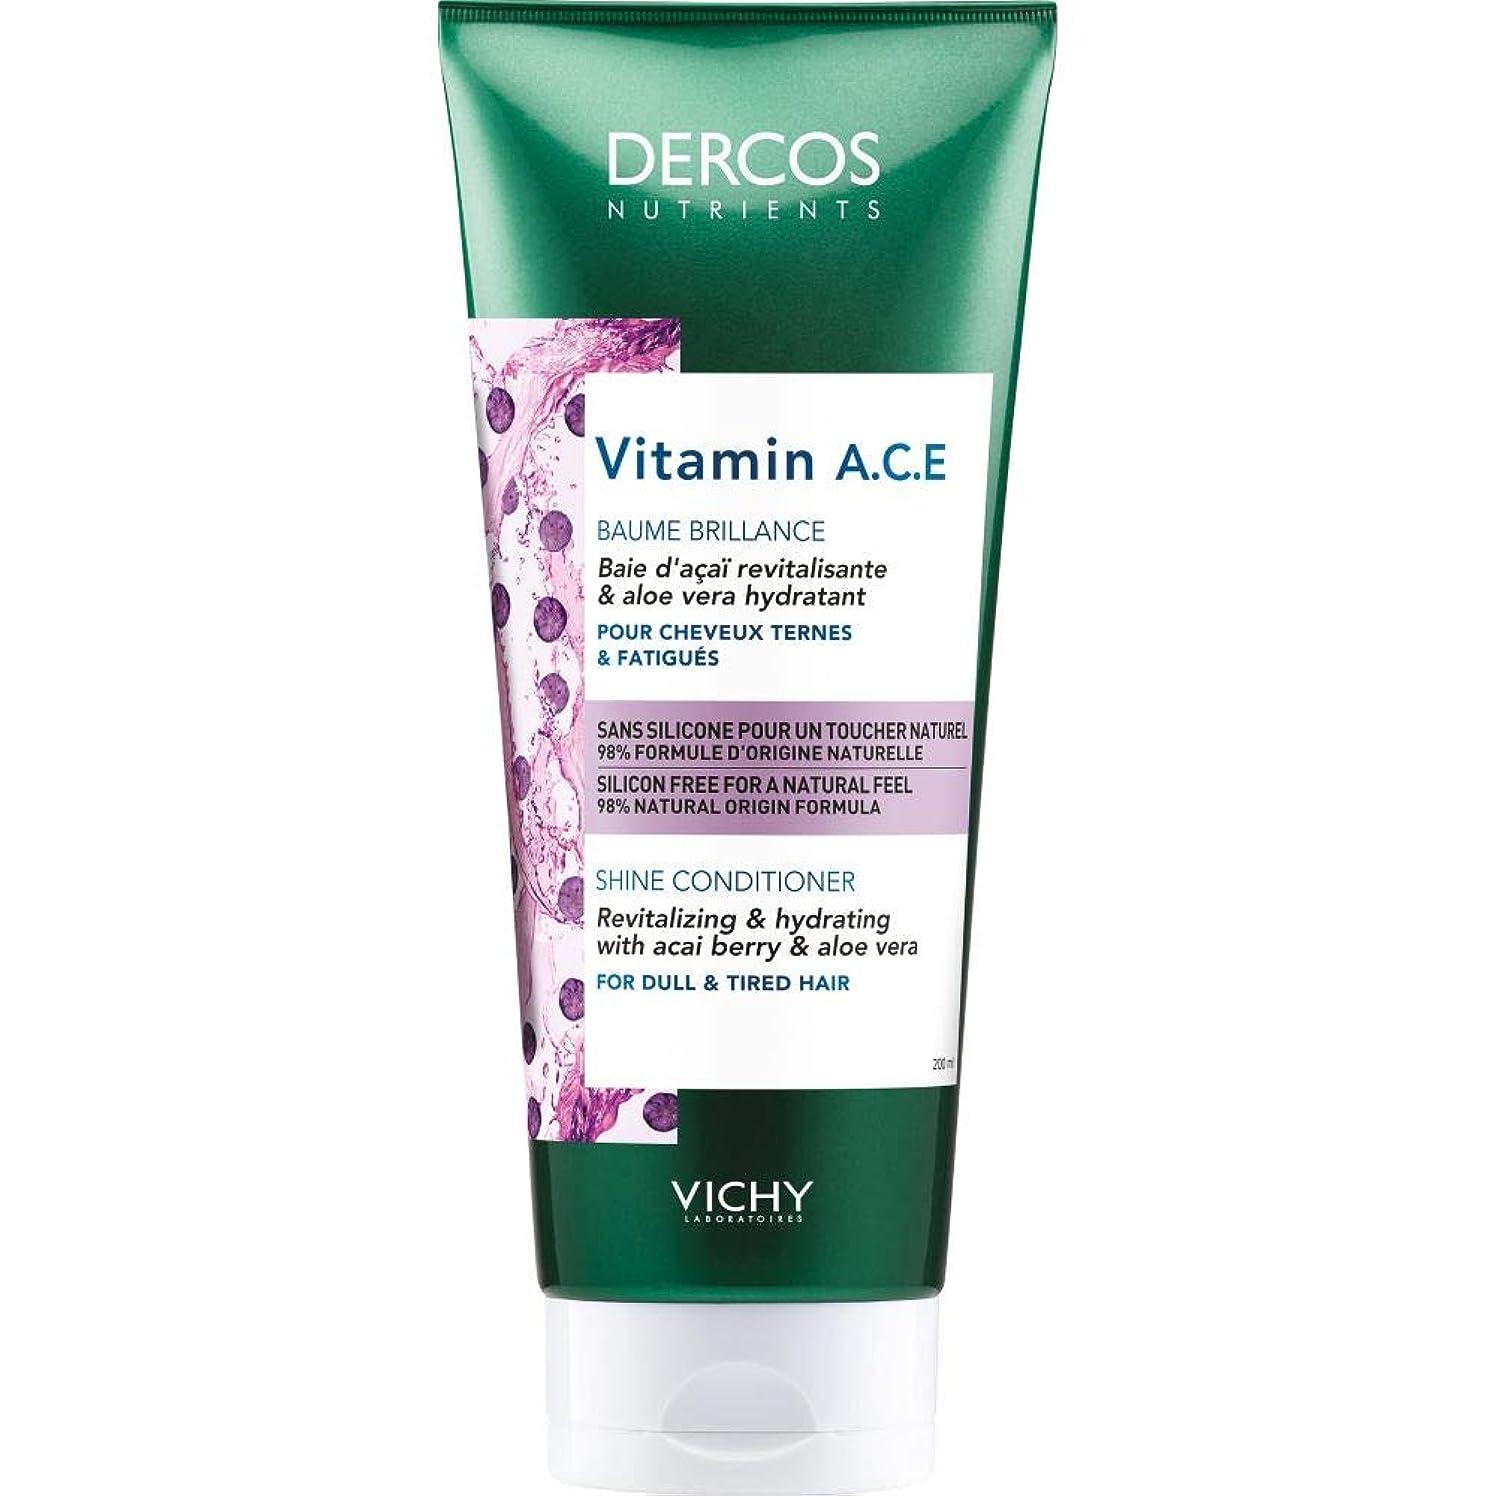 観察ビヨン通行人[Vichy ] 栄養素のビタミンA.C.E輝きコンディショナー200Ml Dercosヴィシー - Vichy Dercos Nutrients Vitamin A.C.E Shine Conditioner 200ml [並行輸入品]